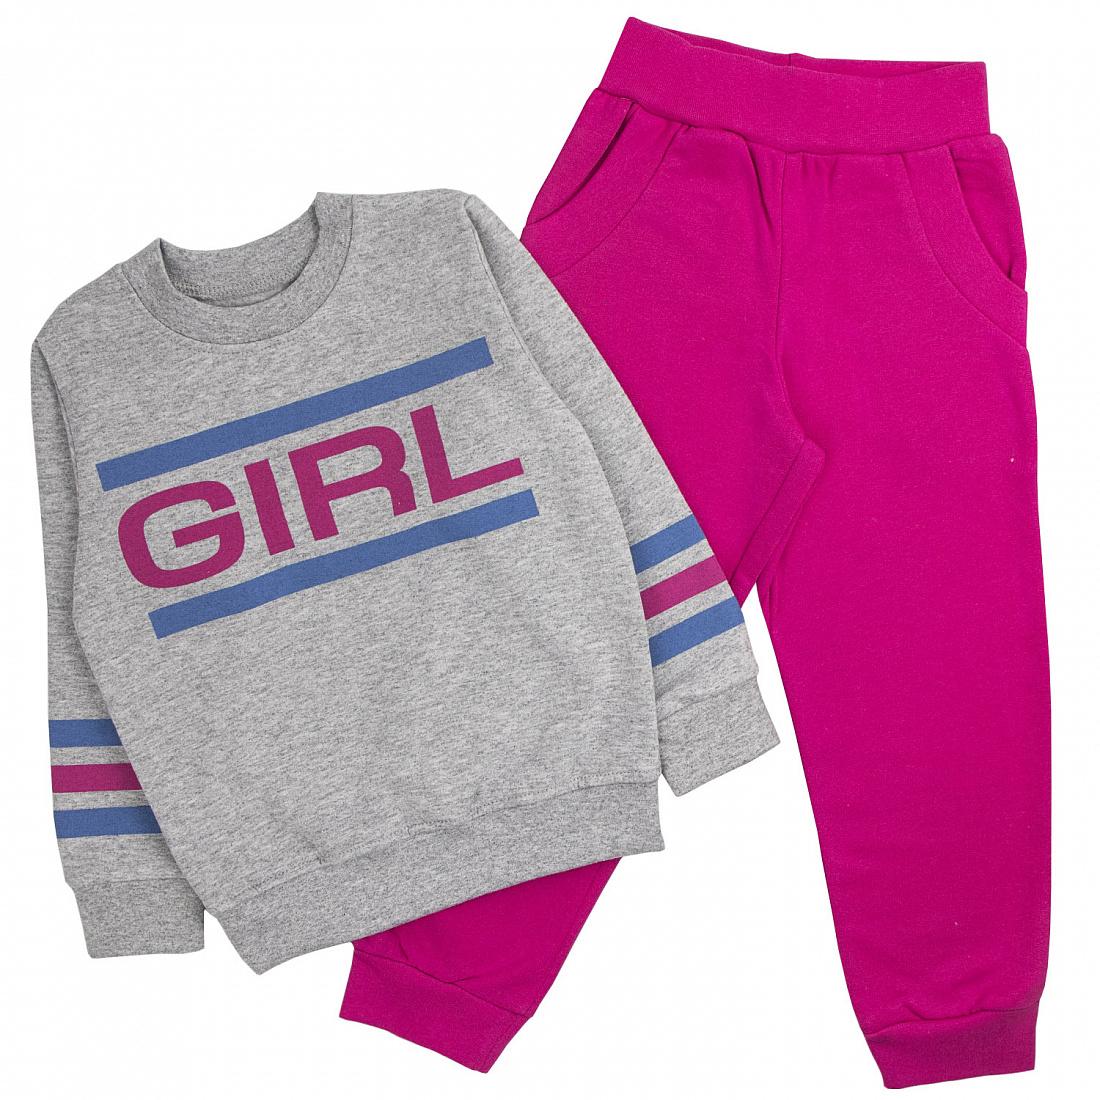 Спортивный костюм для девочек Юлла Girl 488ф цв. розовый р.104